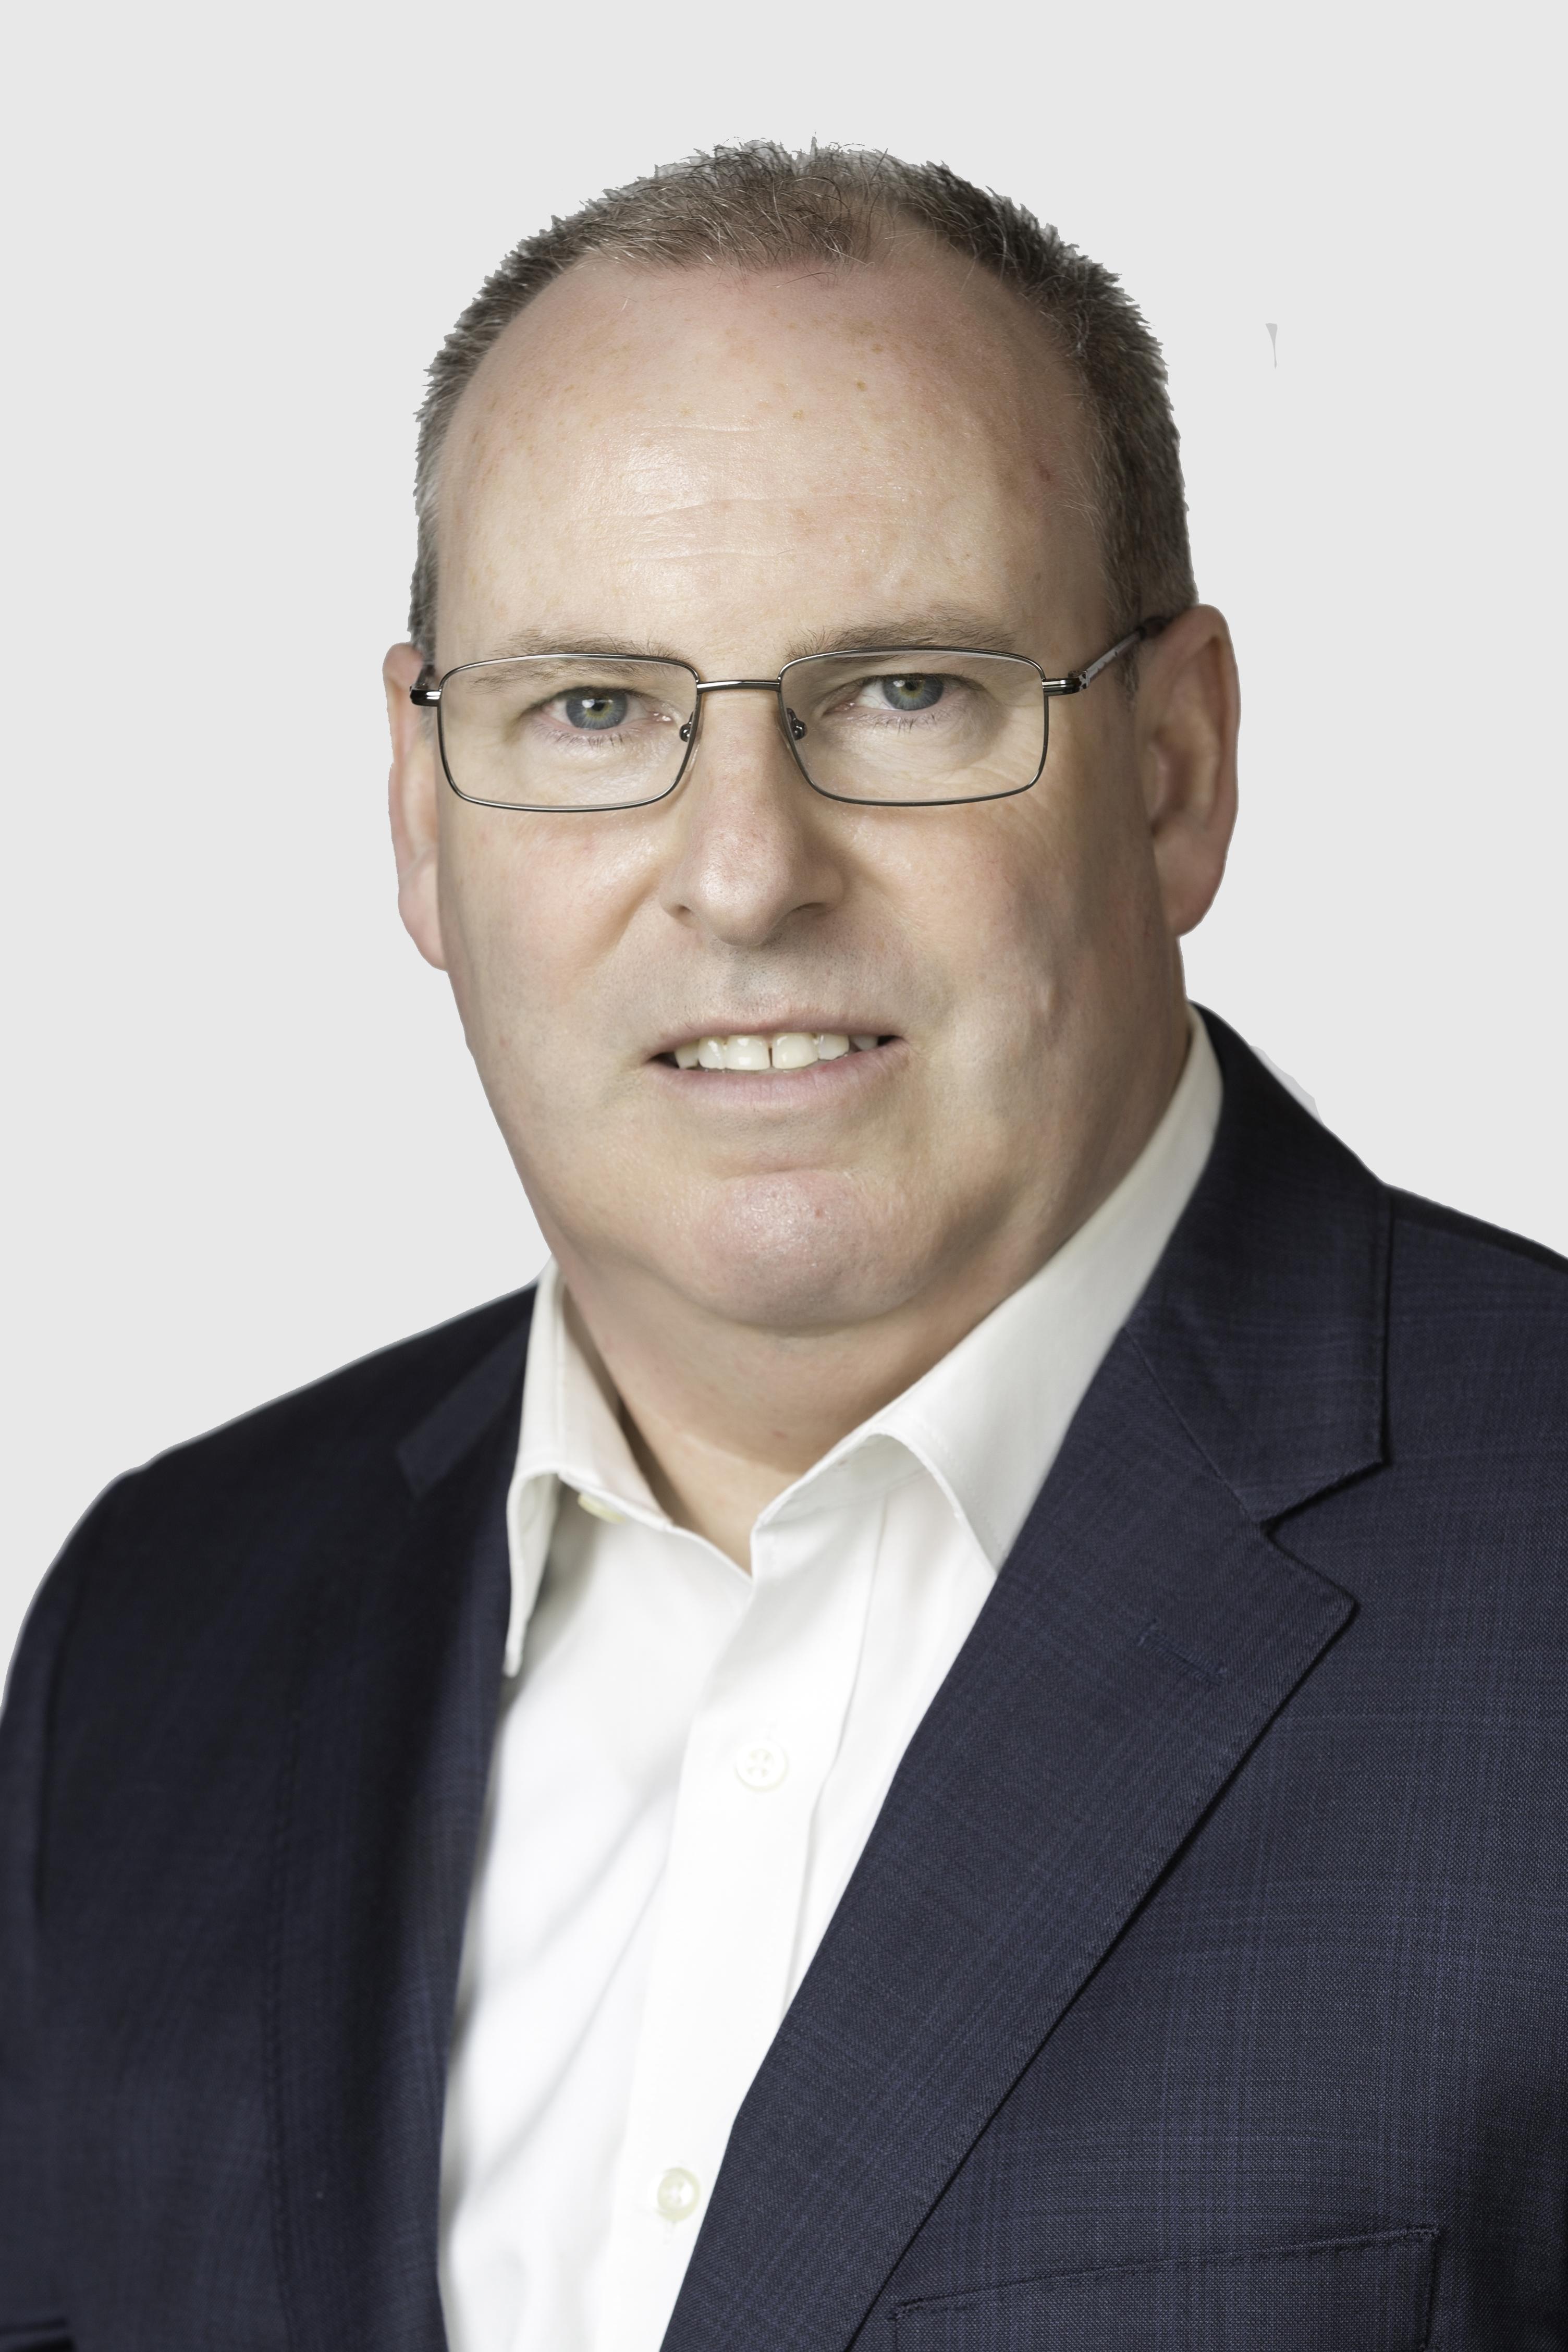 Doug Ellis' headshot